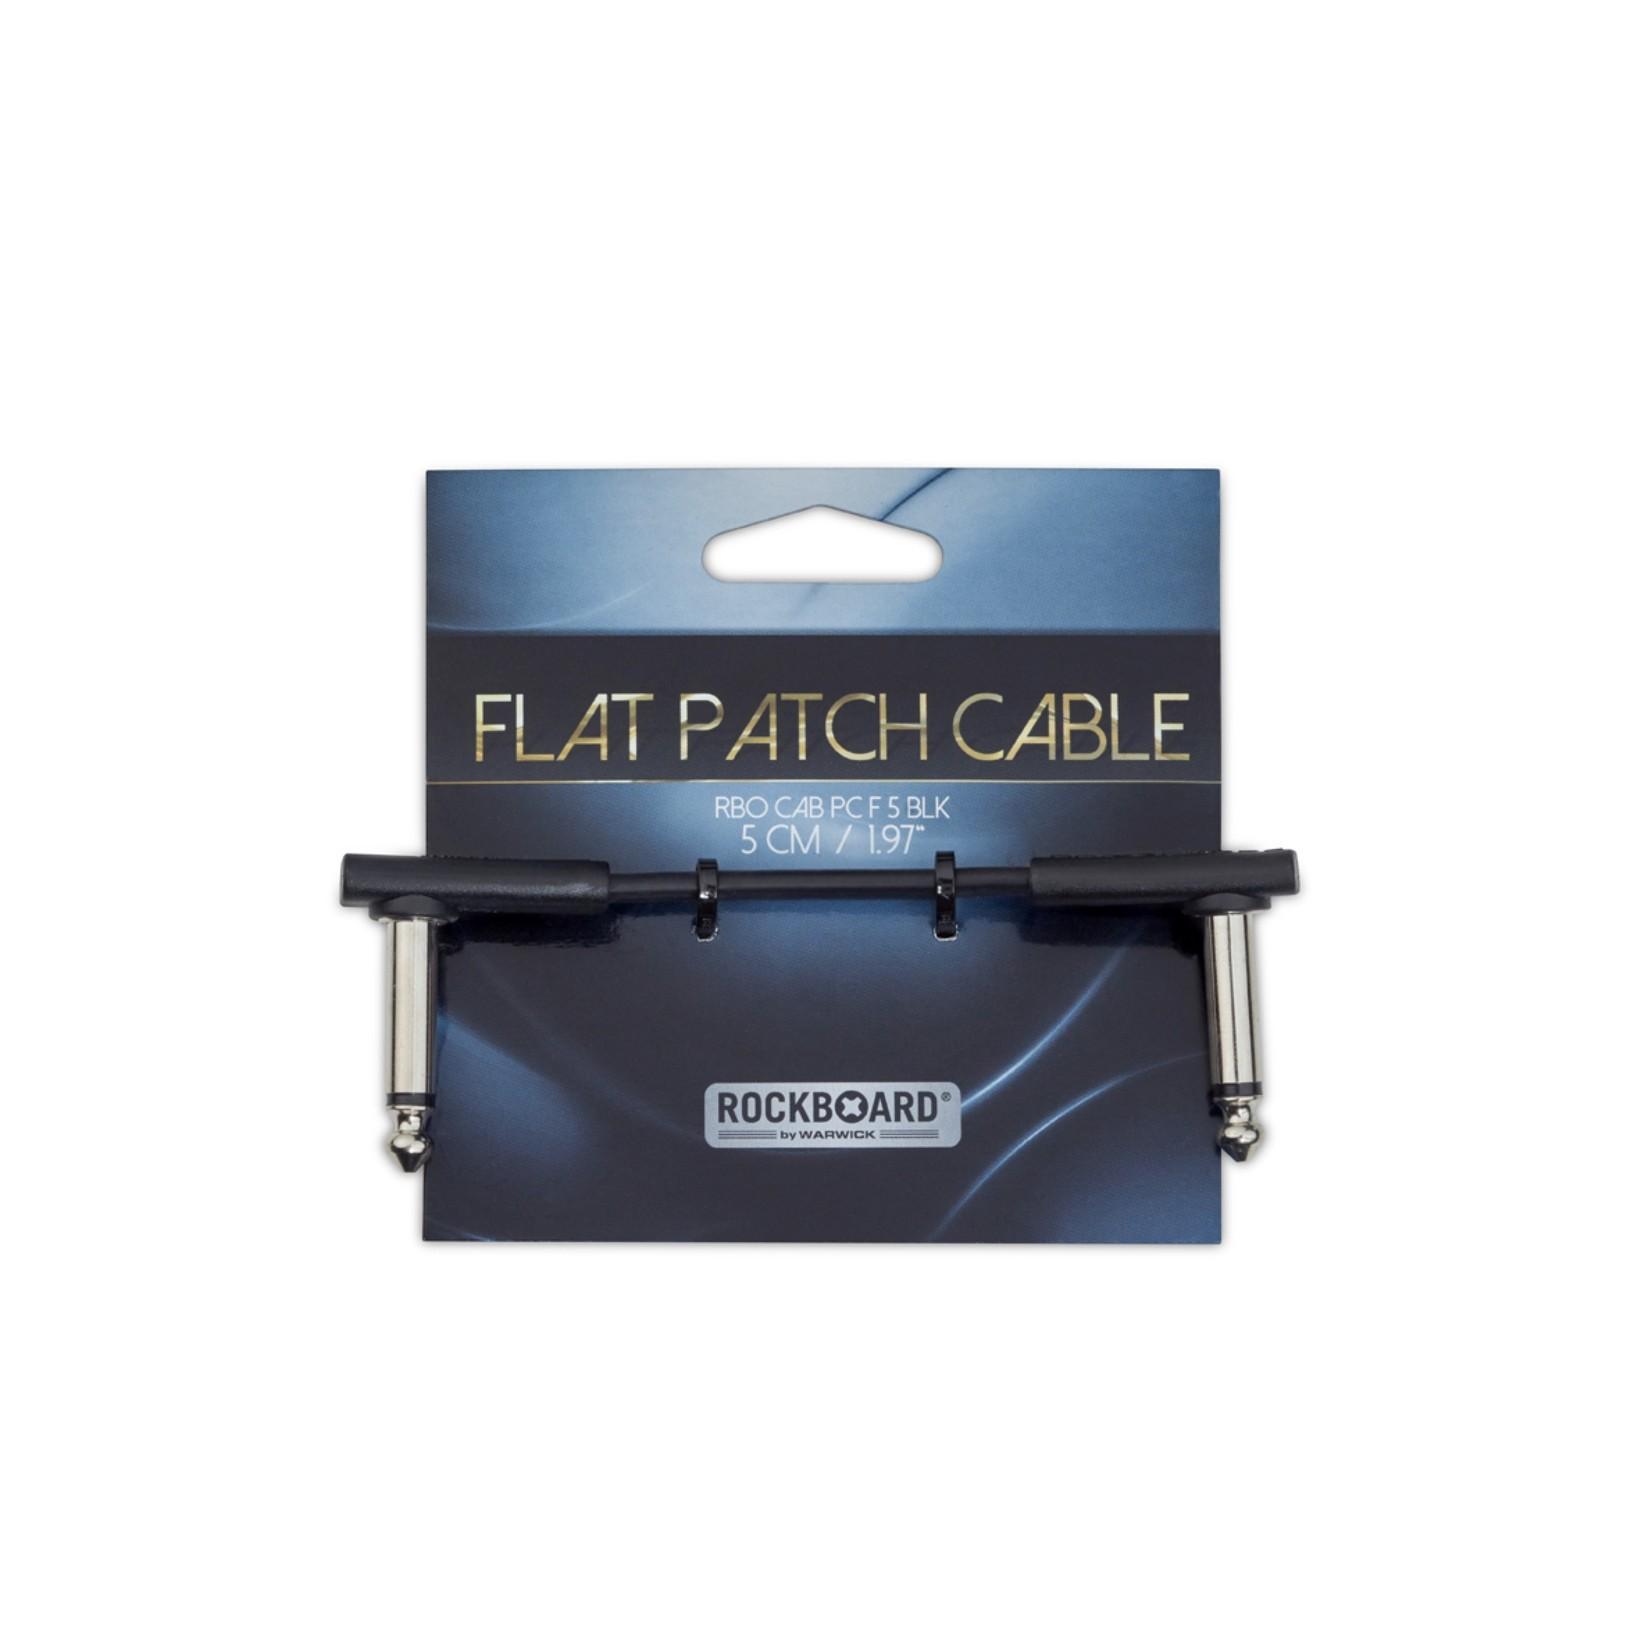 """Rockboard RockBoard Flat Patch Cable, Black, 5 cm (1 15/16""""), low profile"""